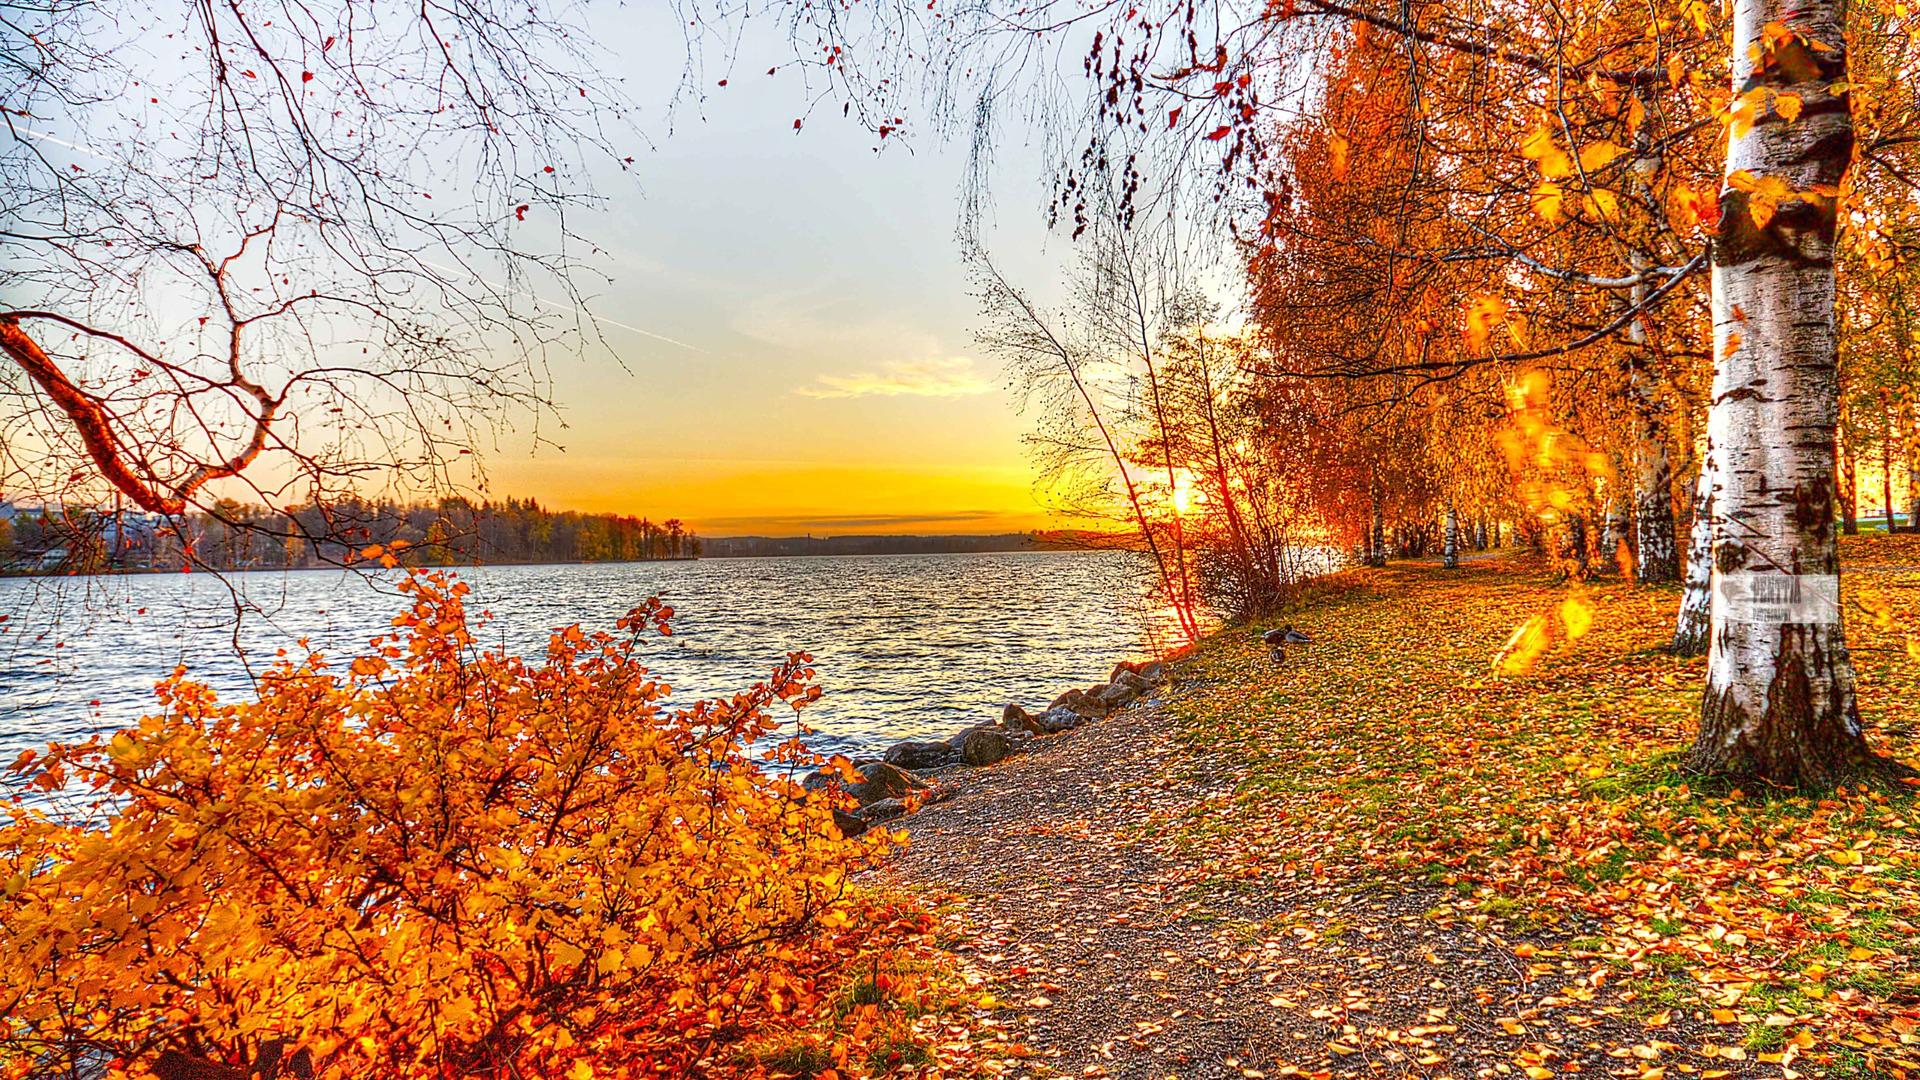 Amazing Autumn Landscape Wallpaper